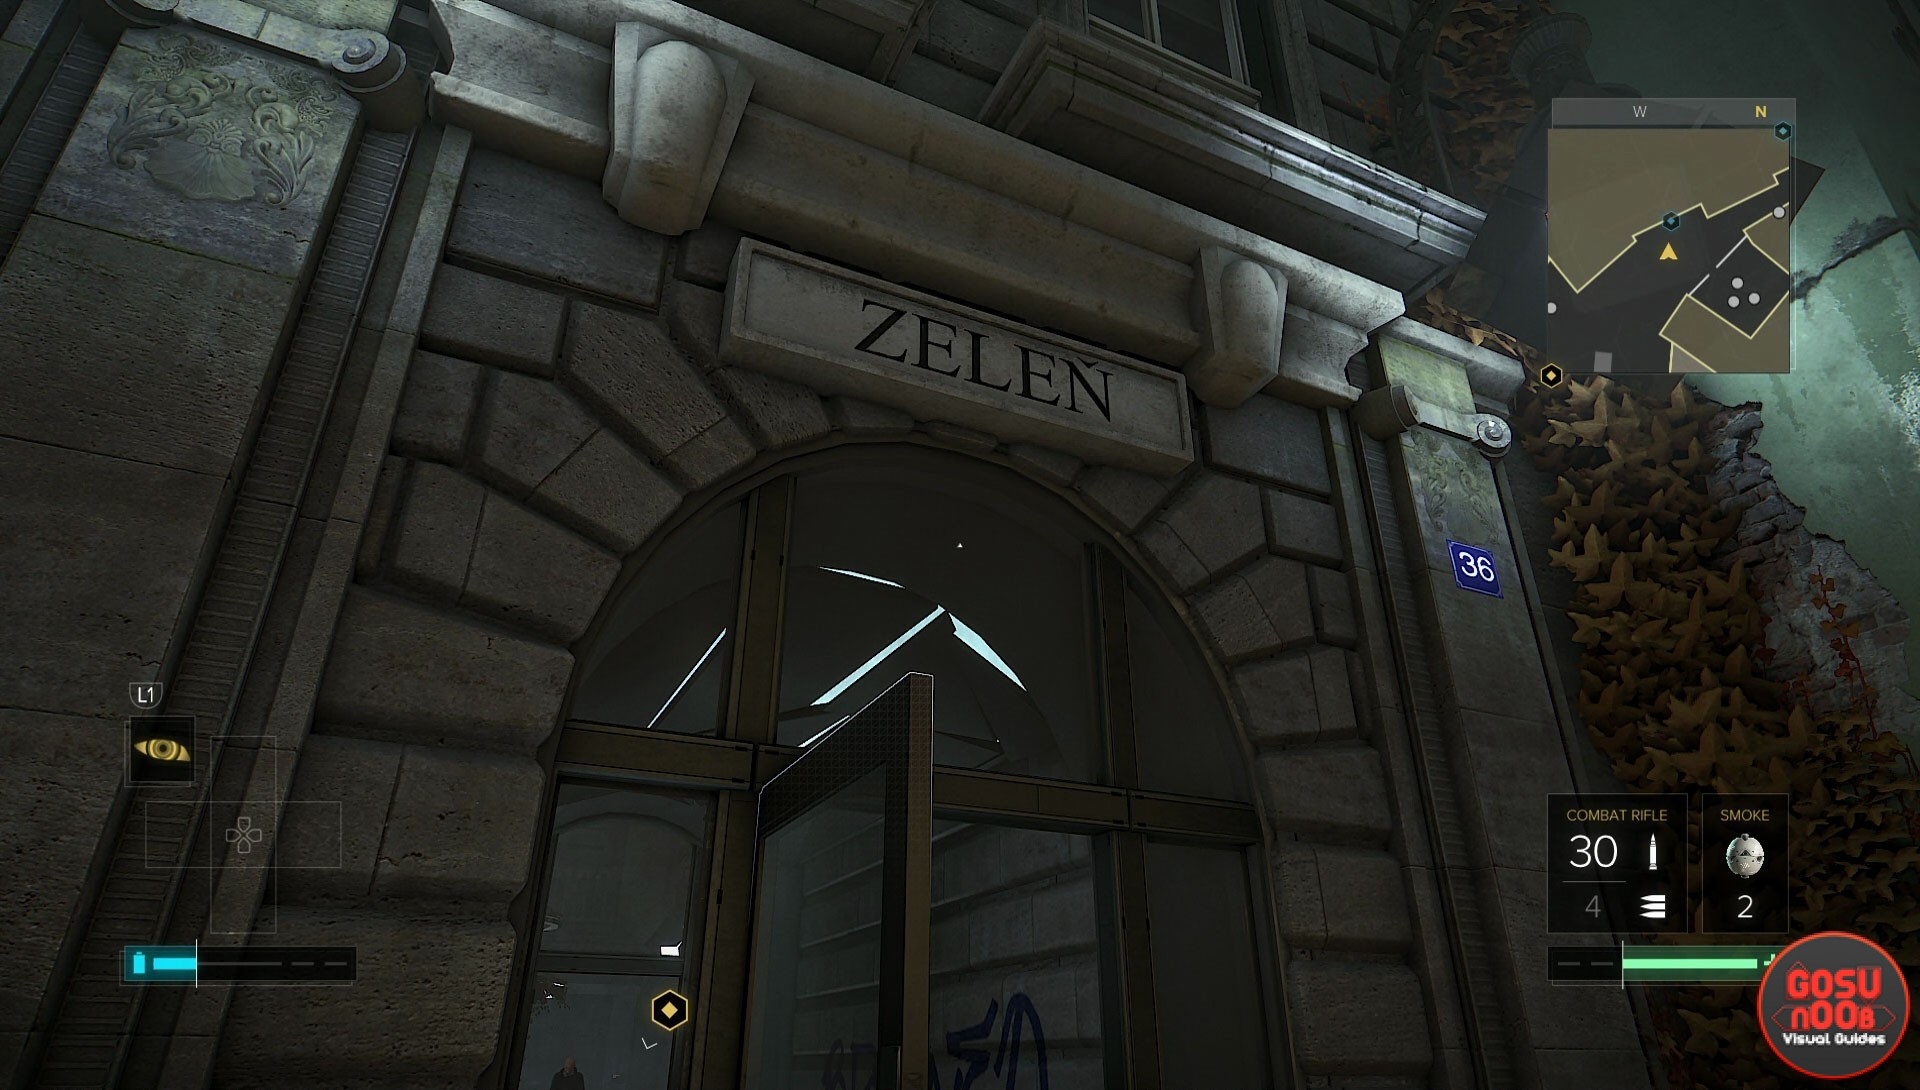 Zelen Apartments Walkthrough Prague Capek Fountain